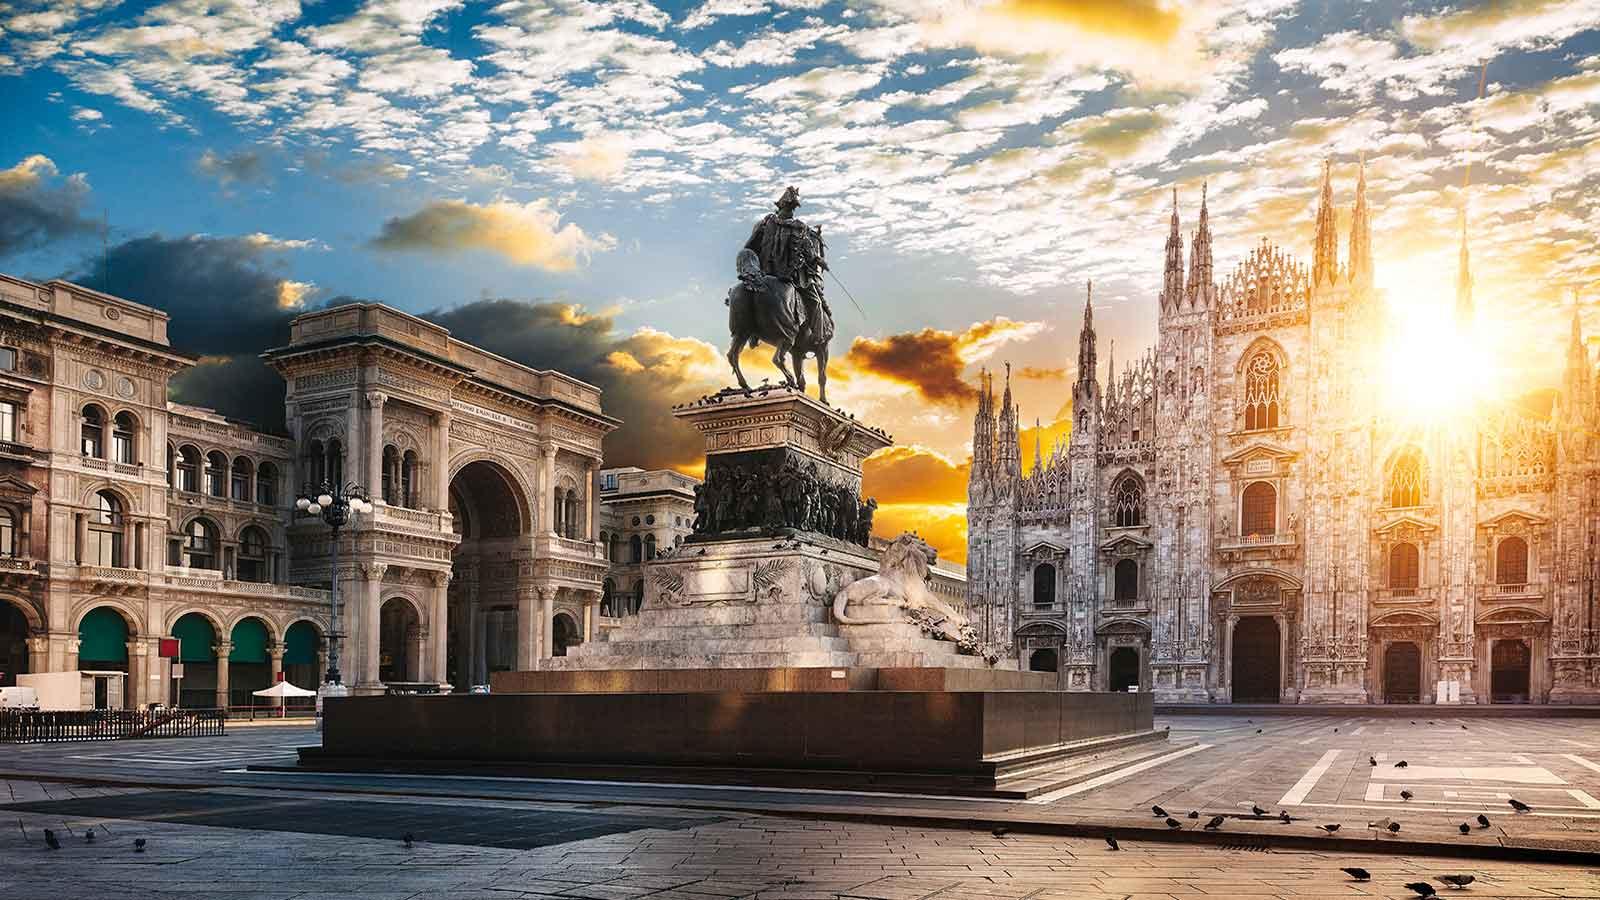 Билеты из Москвы в Милан всего за 8900 руб. туда-обратно с багажом!